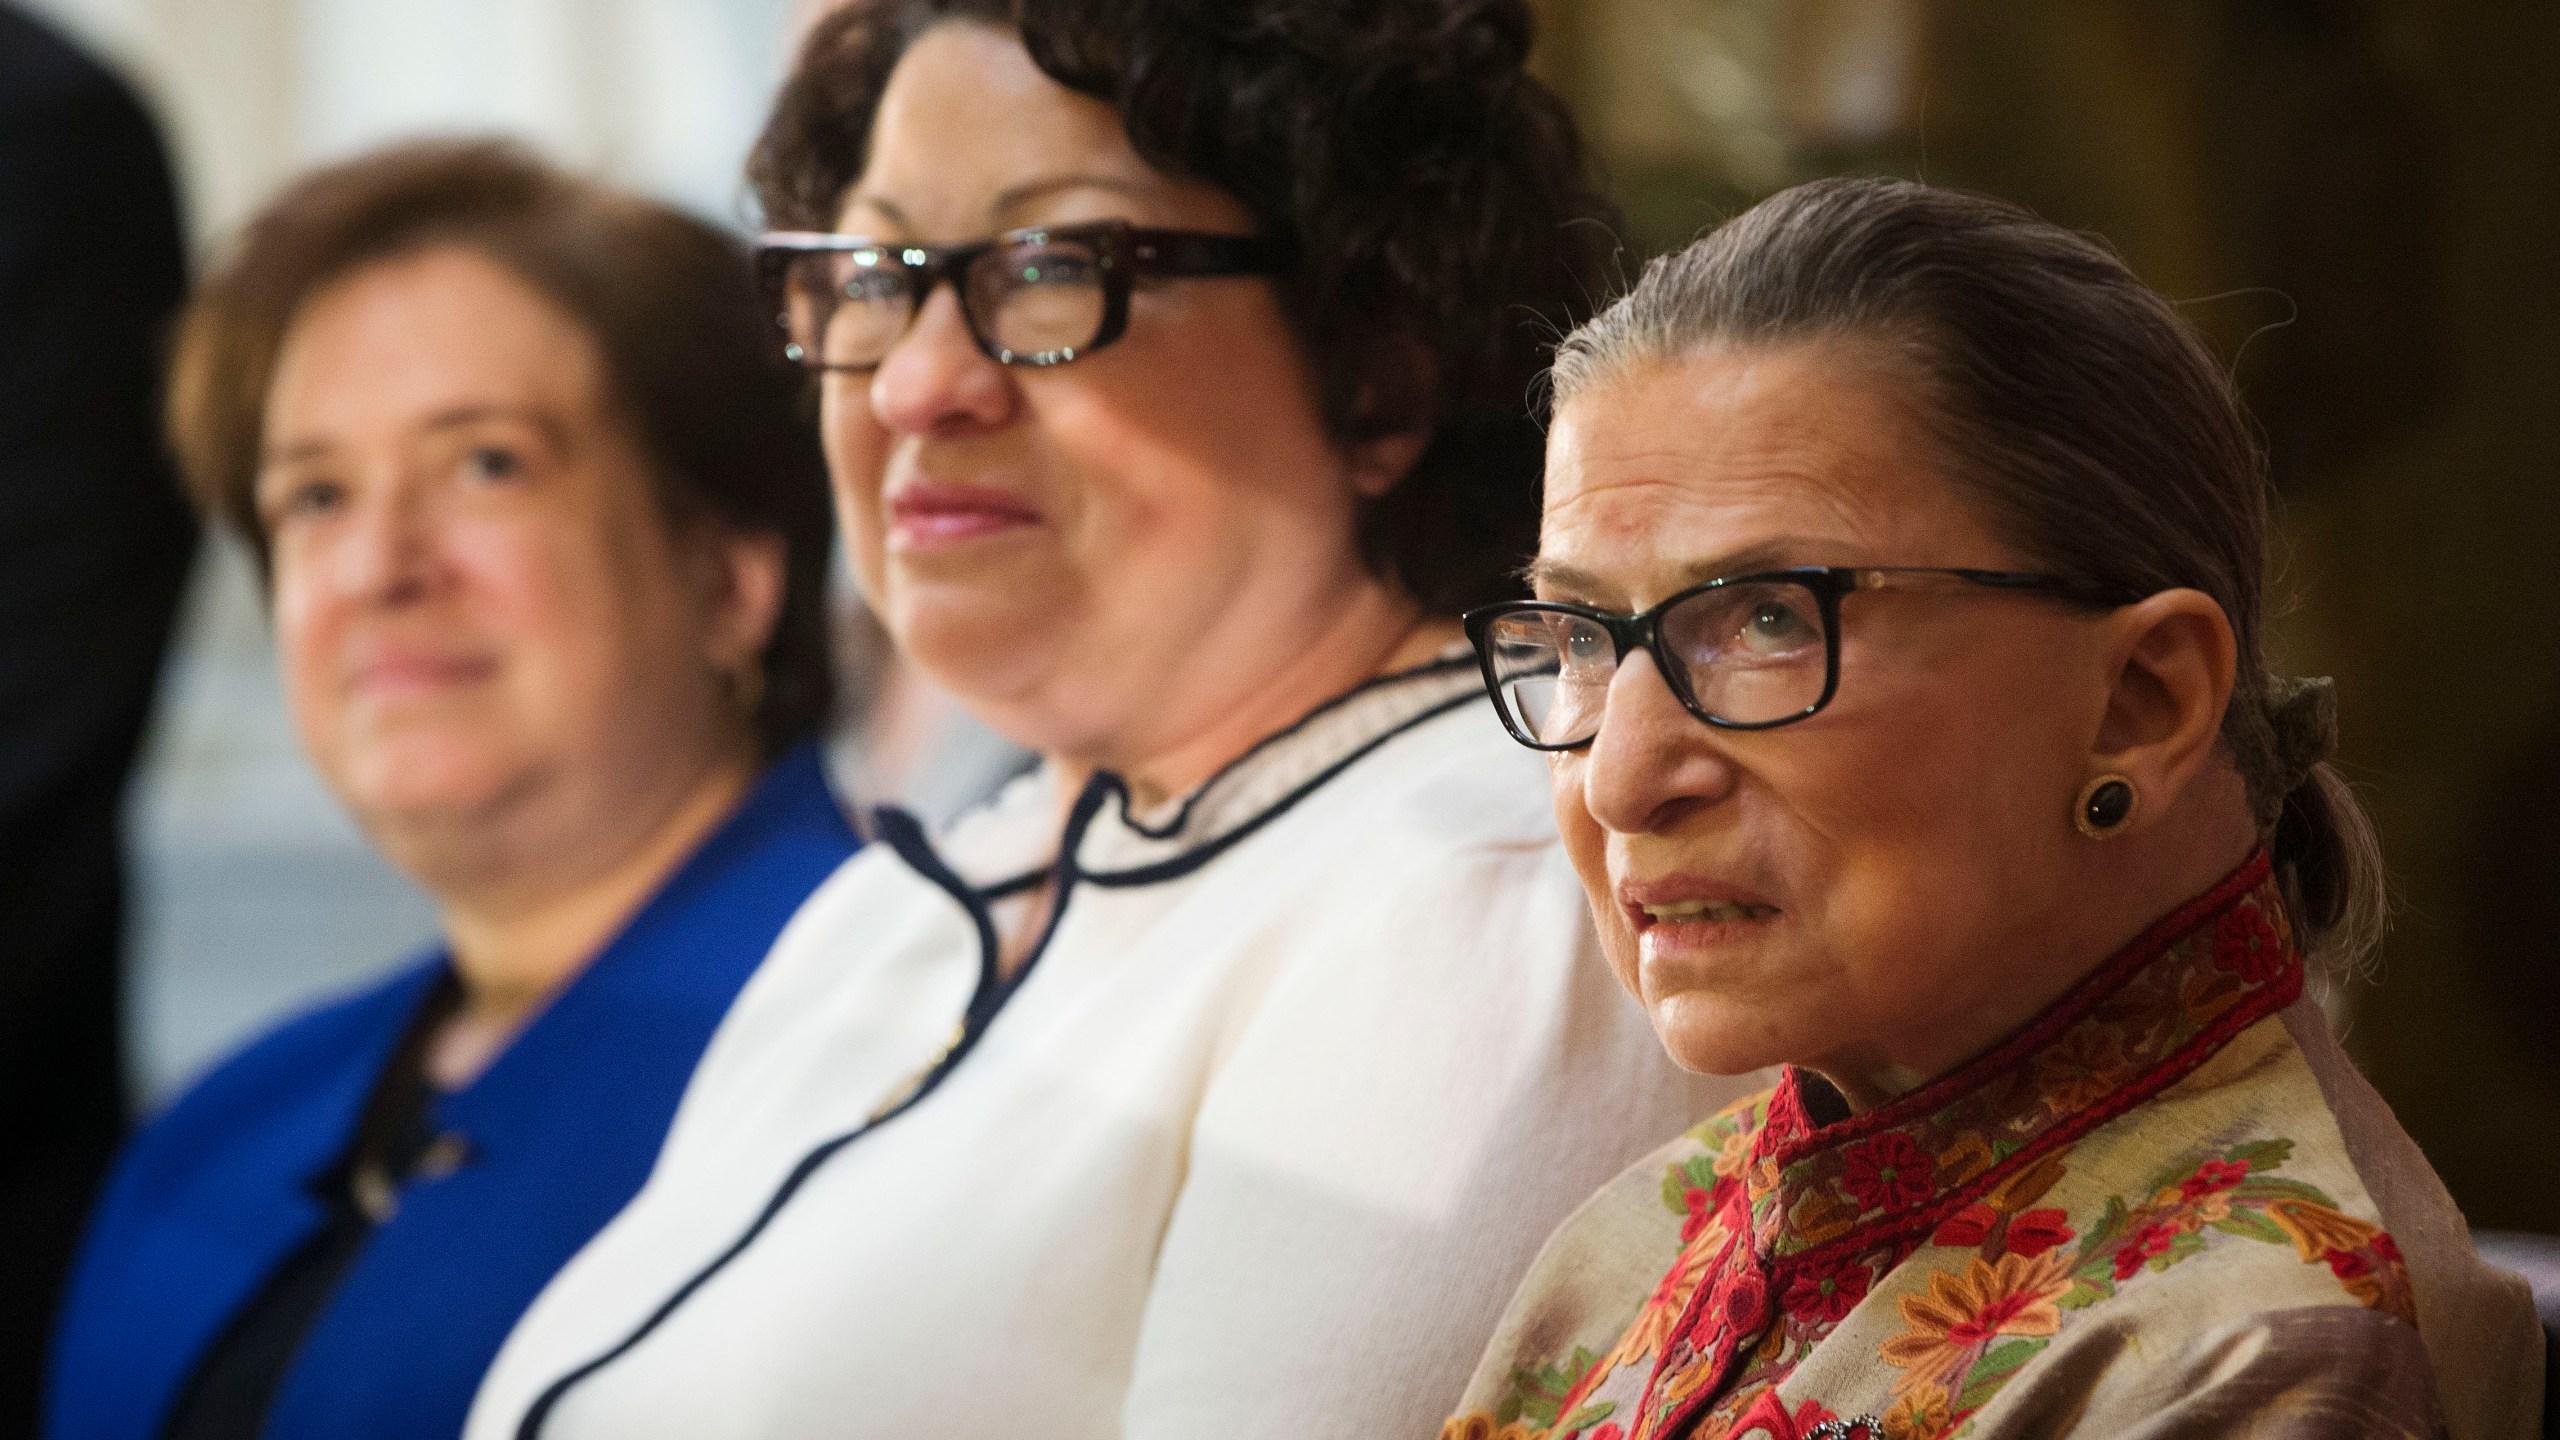 Ruth Bader Ginsburg, Sonia Sotomayor, Elena Kagan,